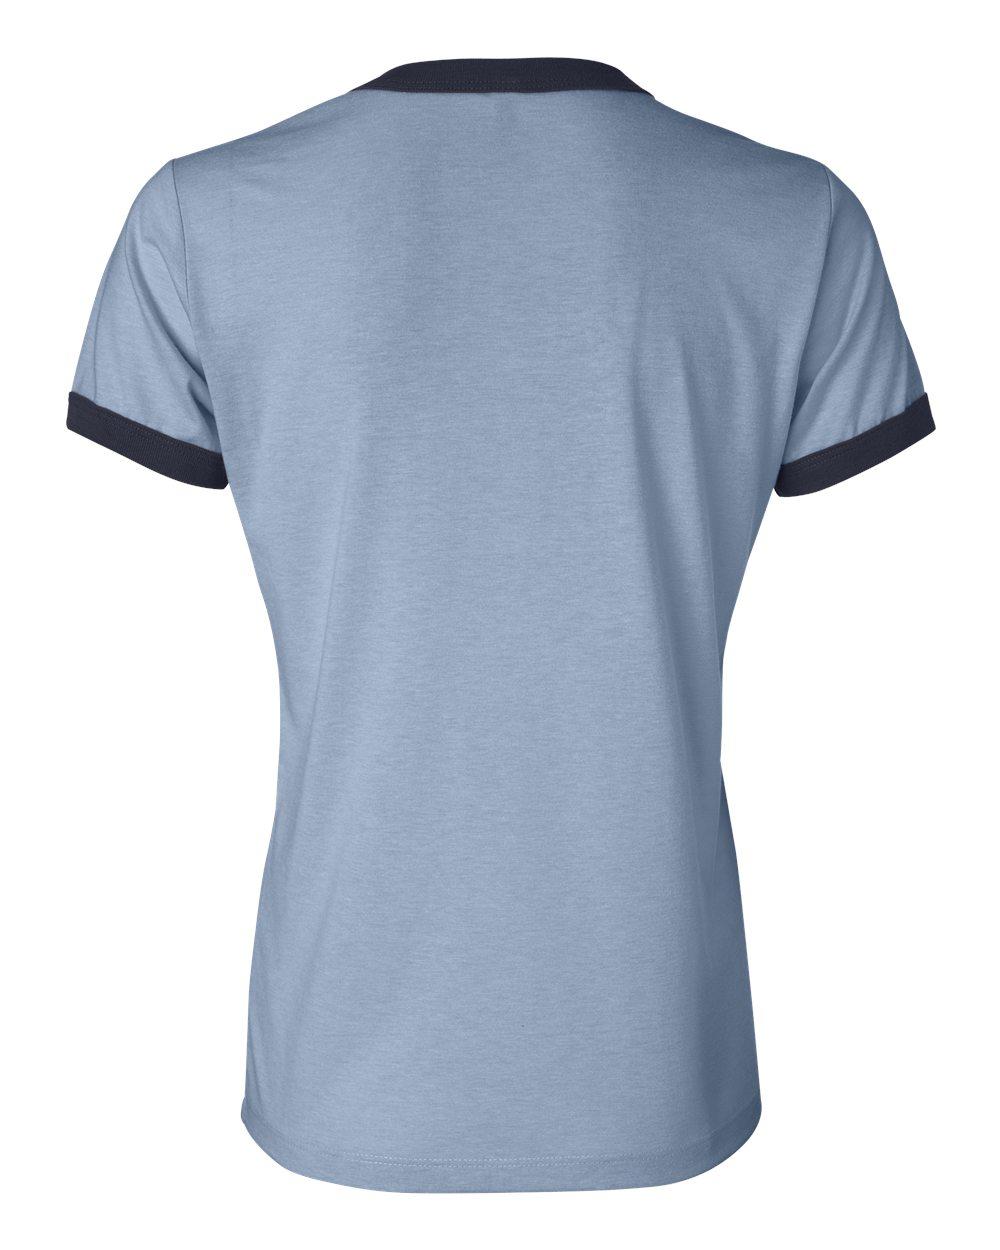 Bella-Canvas-Women-039-s-Jersey-Short-Sleeve-Ringer-T-Shirt-B6050-S-2XL thumbnail 8